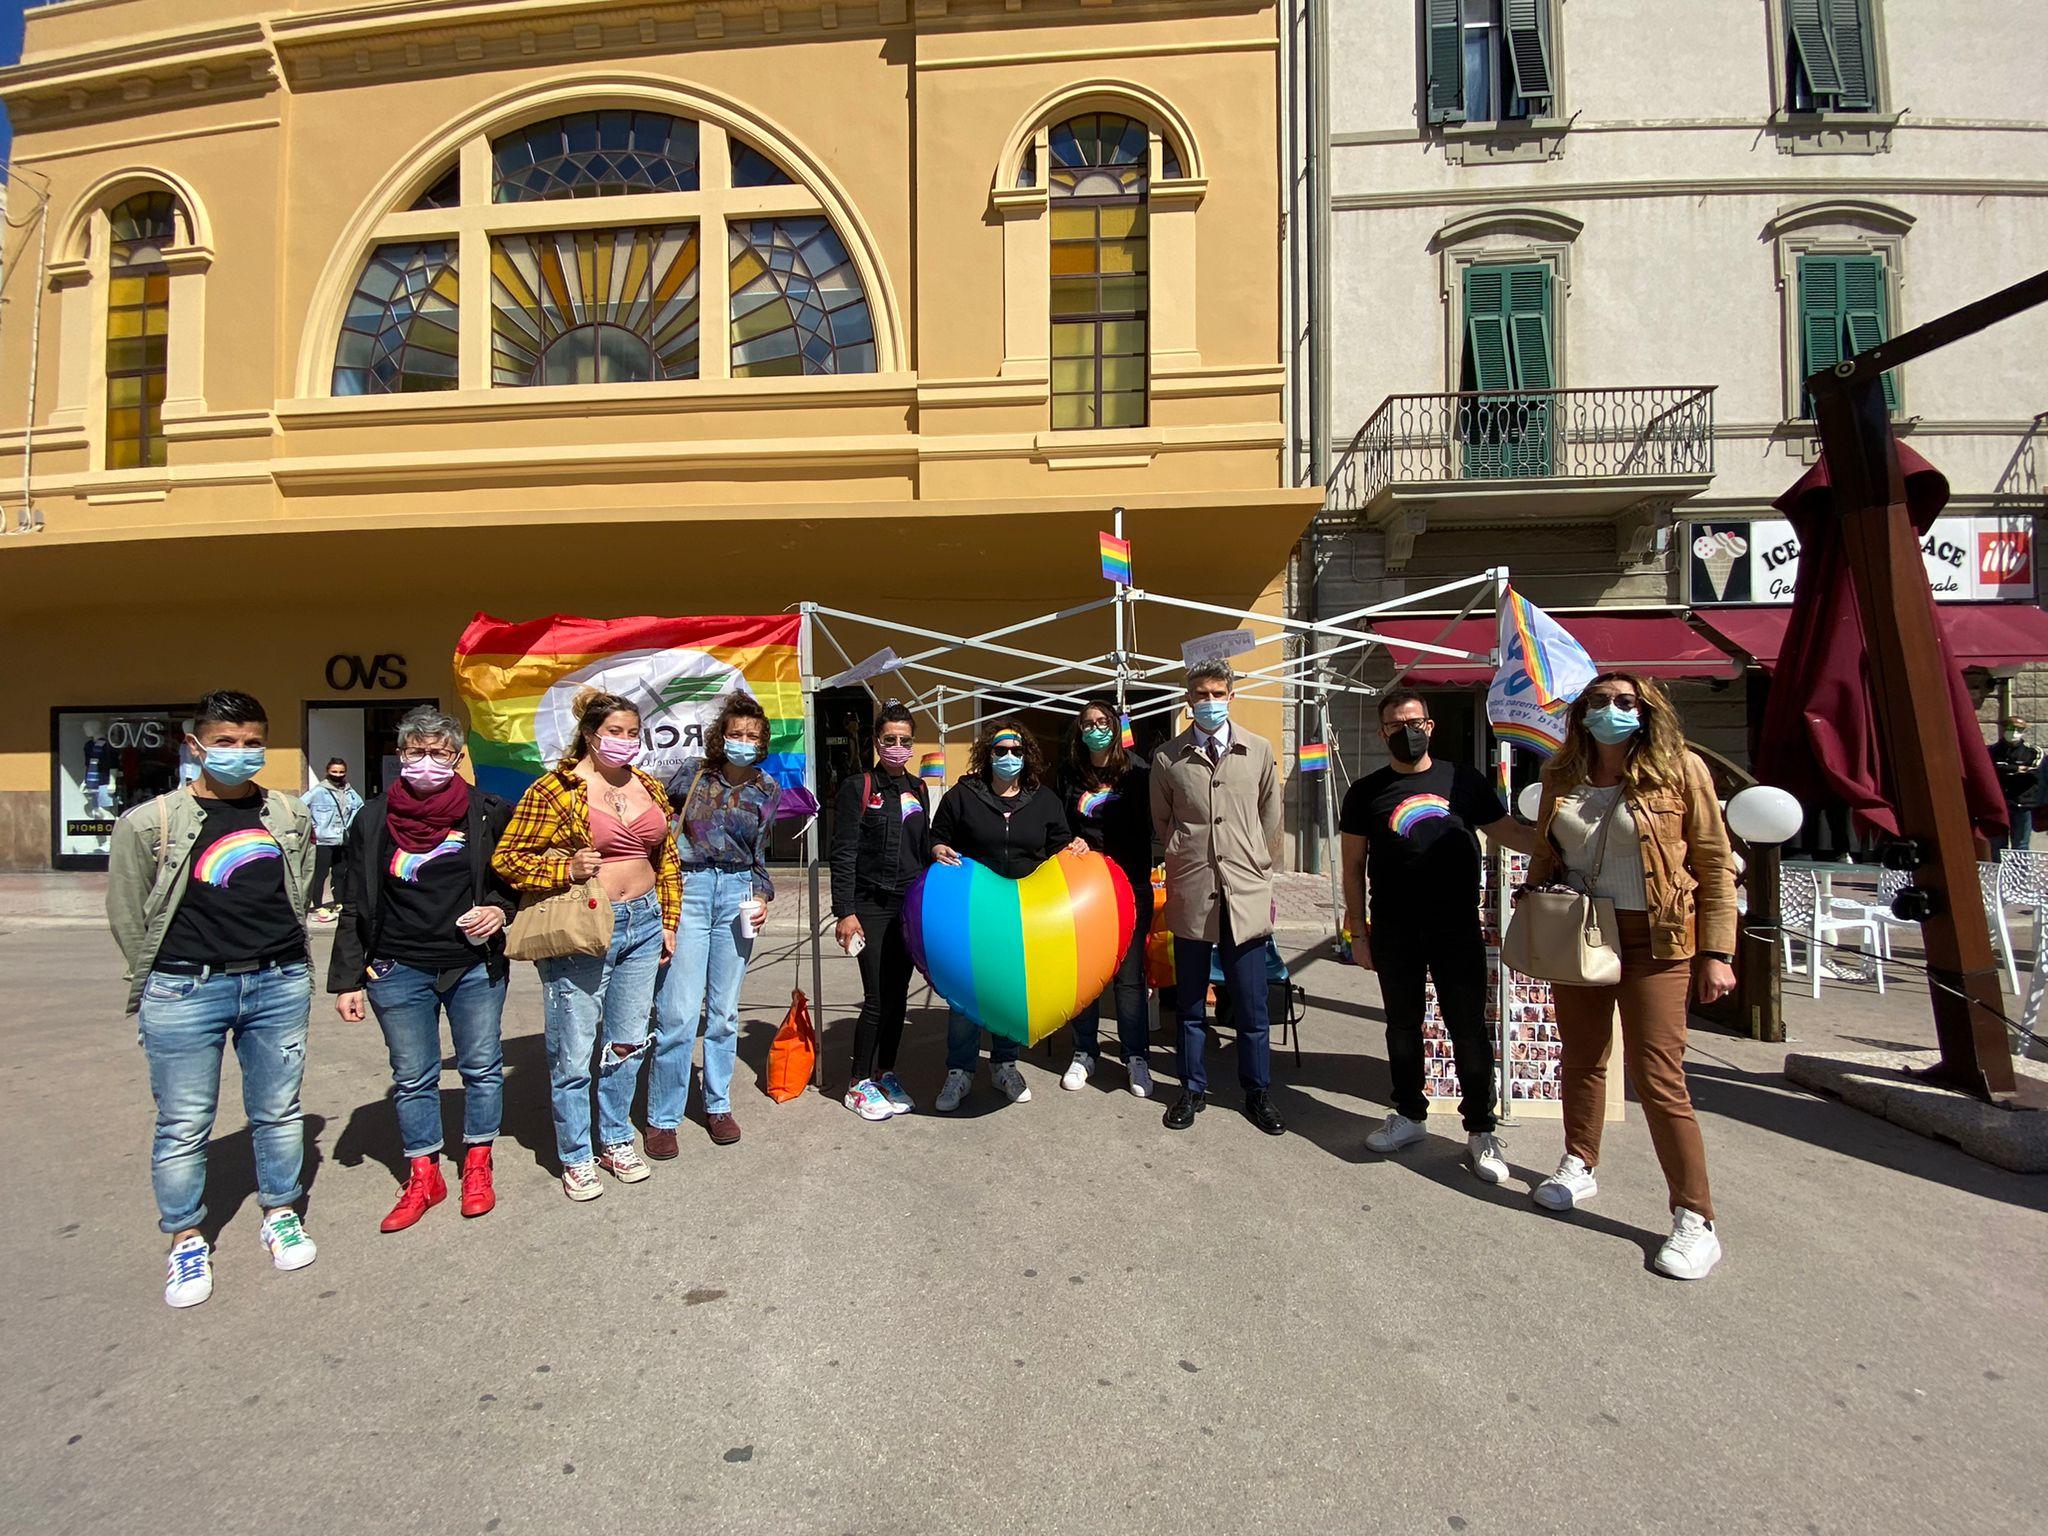 """GIORNATA INTERNAZIONALE CONTRO L'OMOFOBIA, FERRARI: """"I DIRITTI CIVILI NON HANNO COLORE POLITICO"""""""